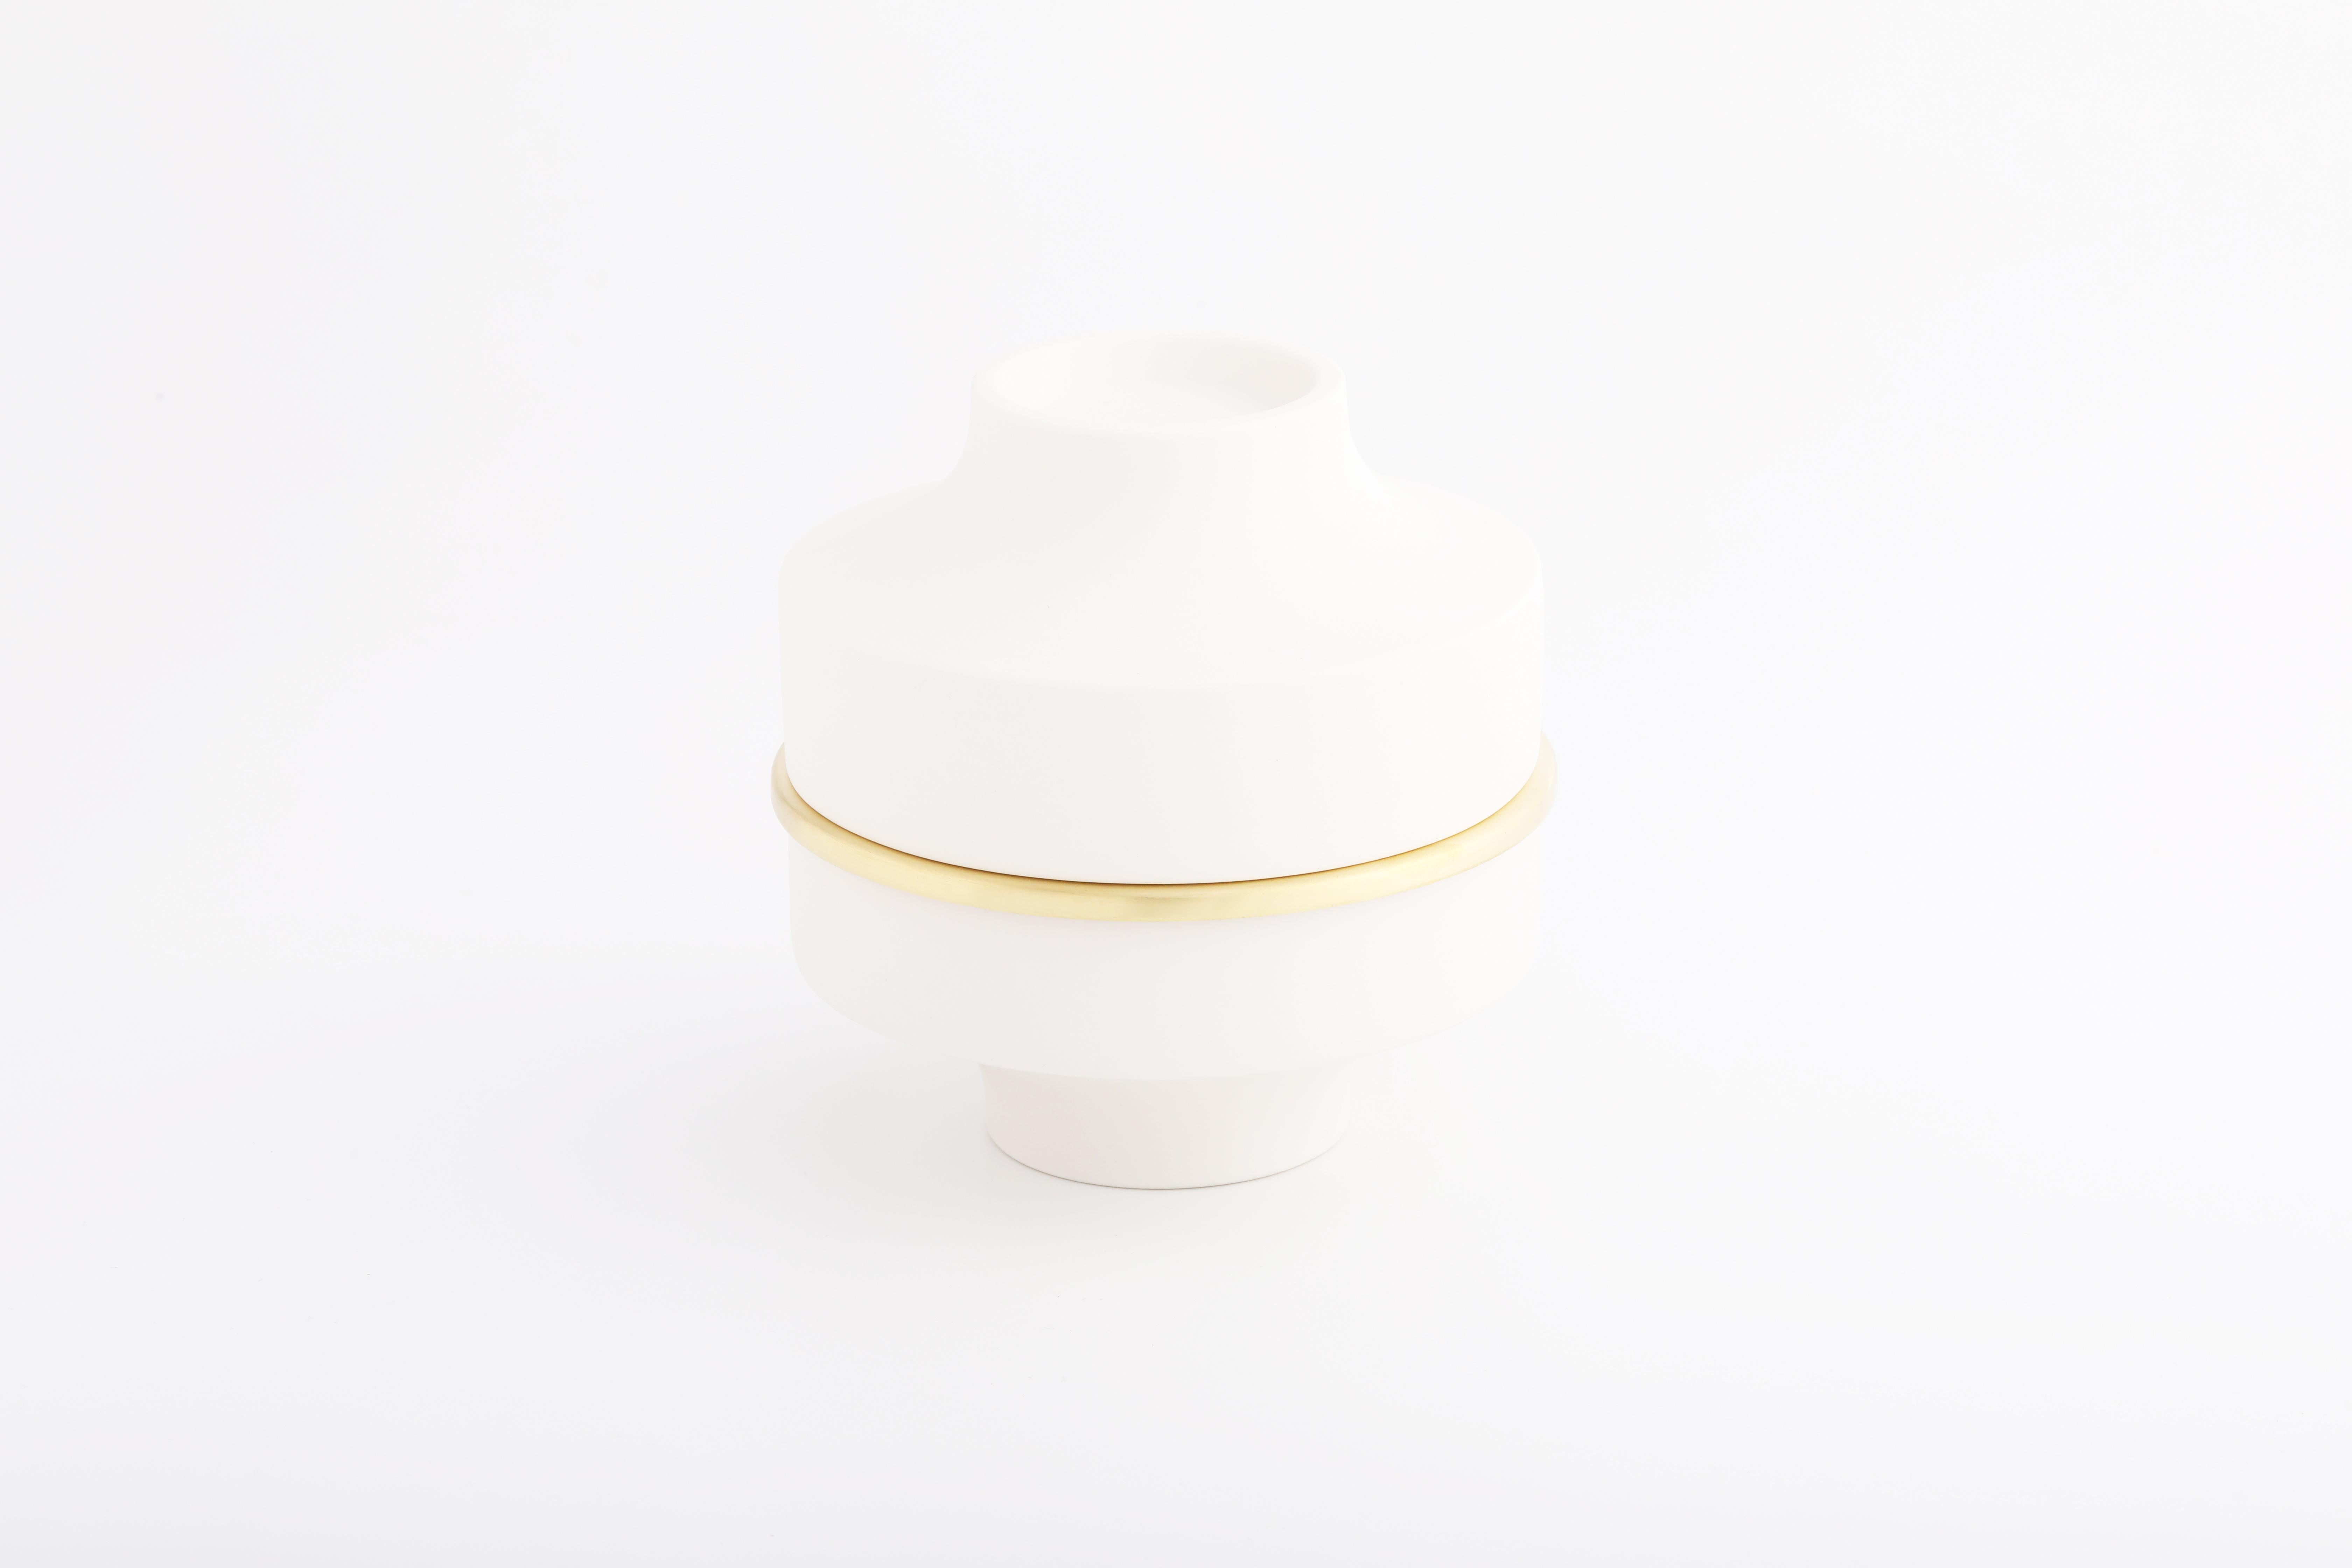 白瓷黃銅雙層款01 / White, Brass double 01